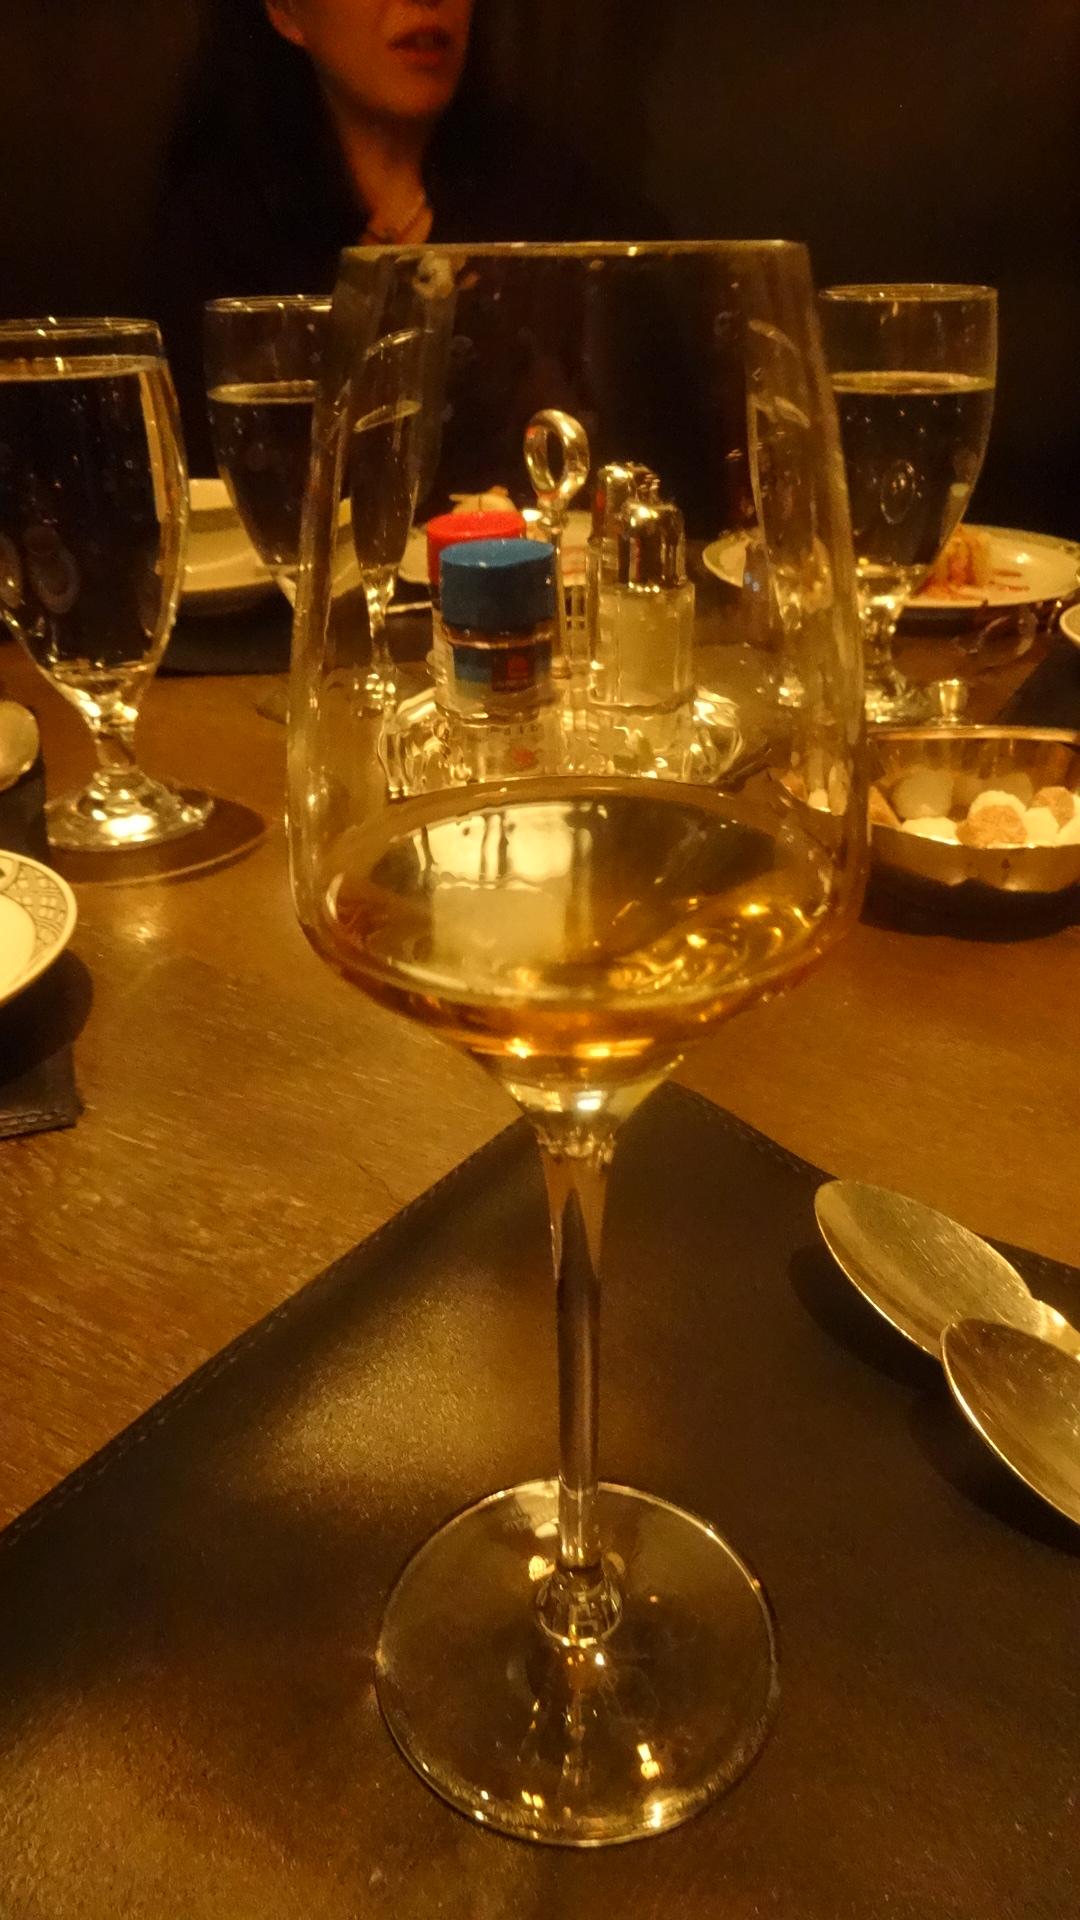 食後酒が注がれたグラス